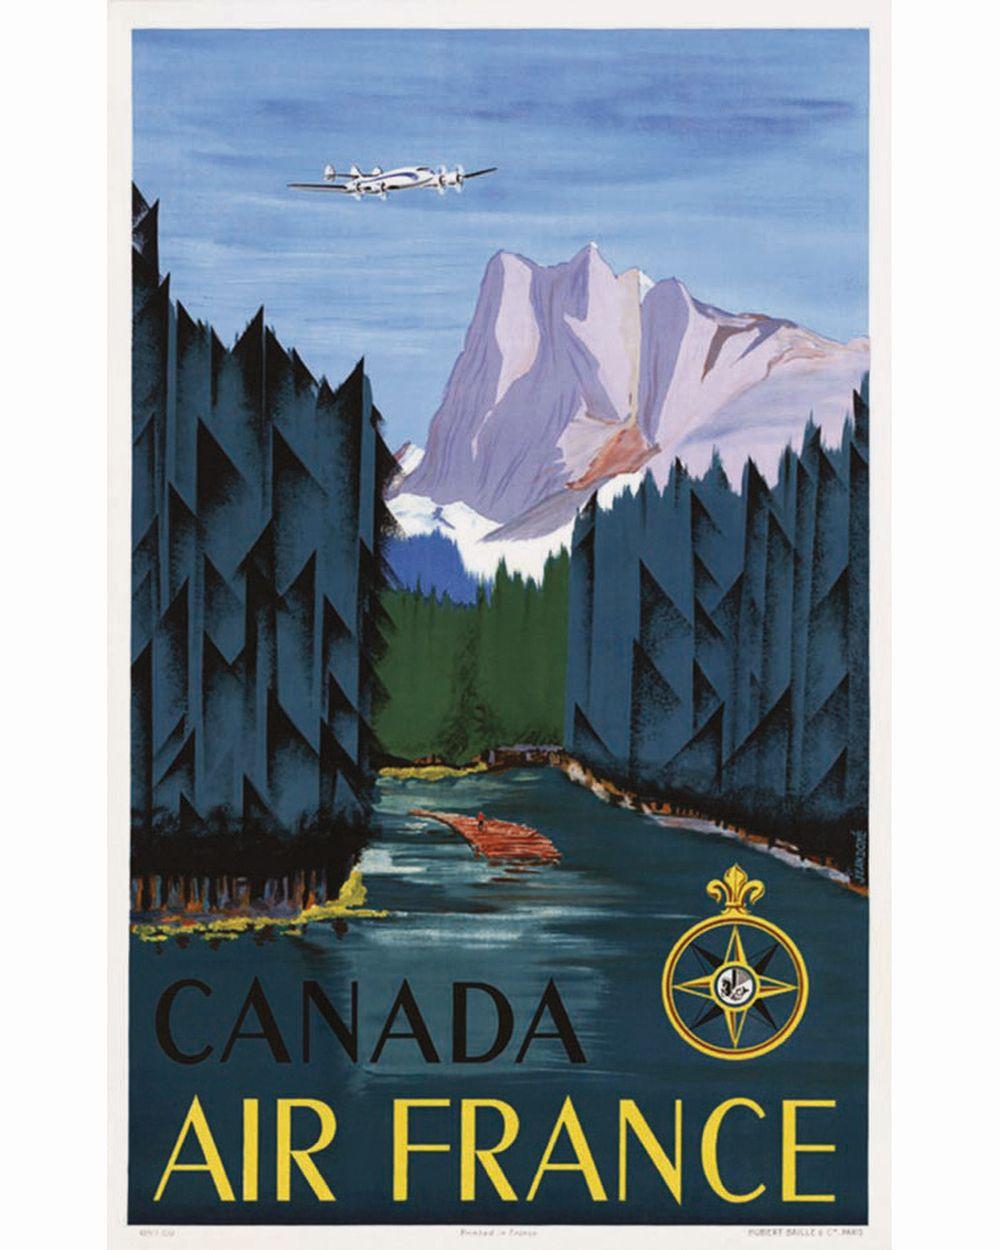 DORE JEAN - Canada Air France     1951